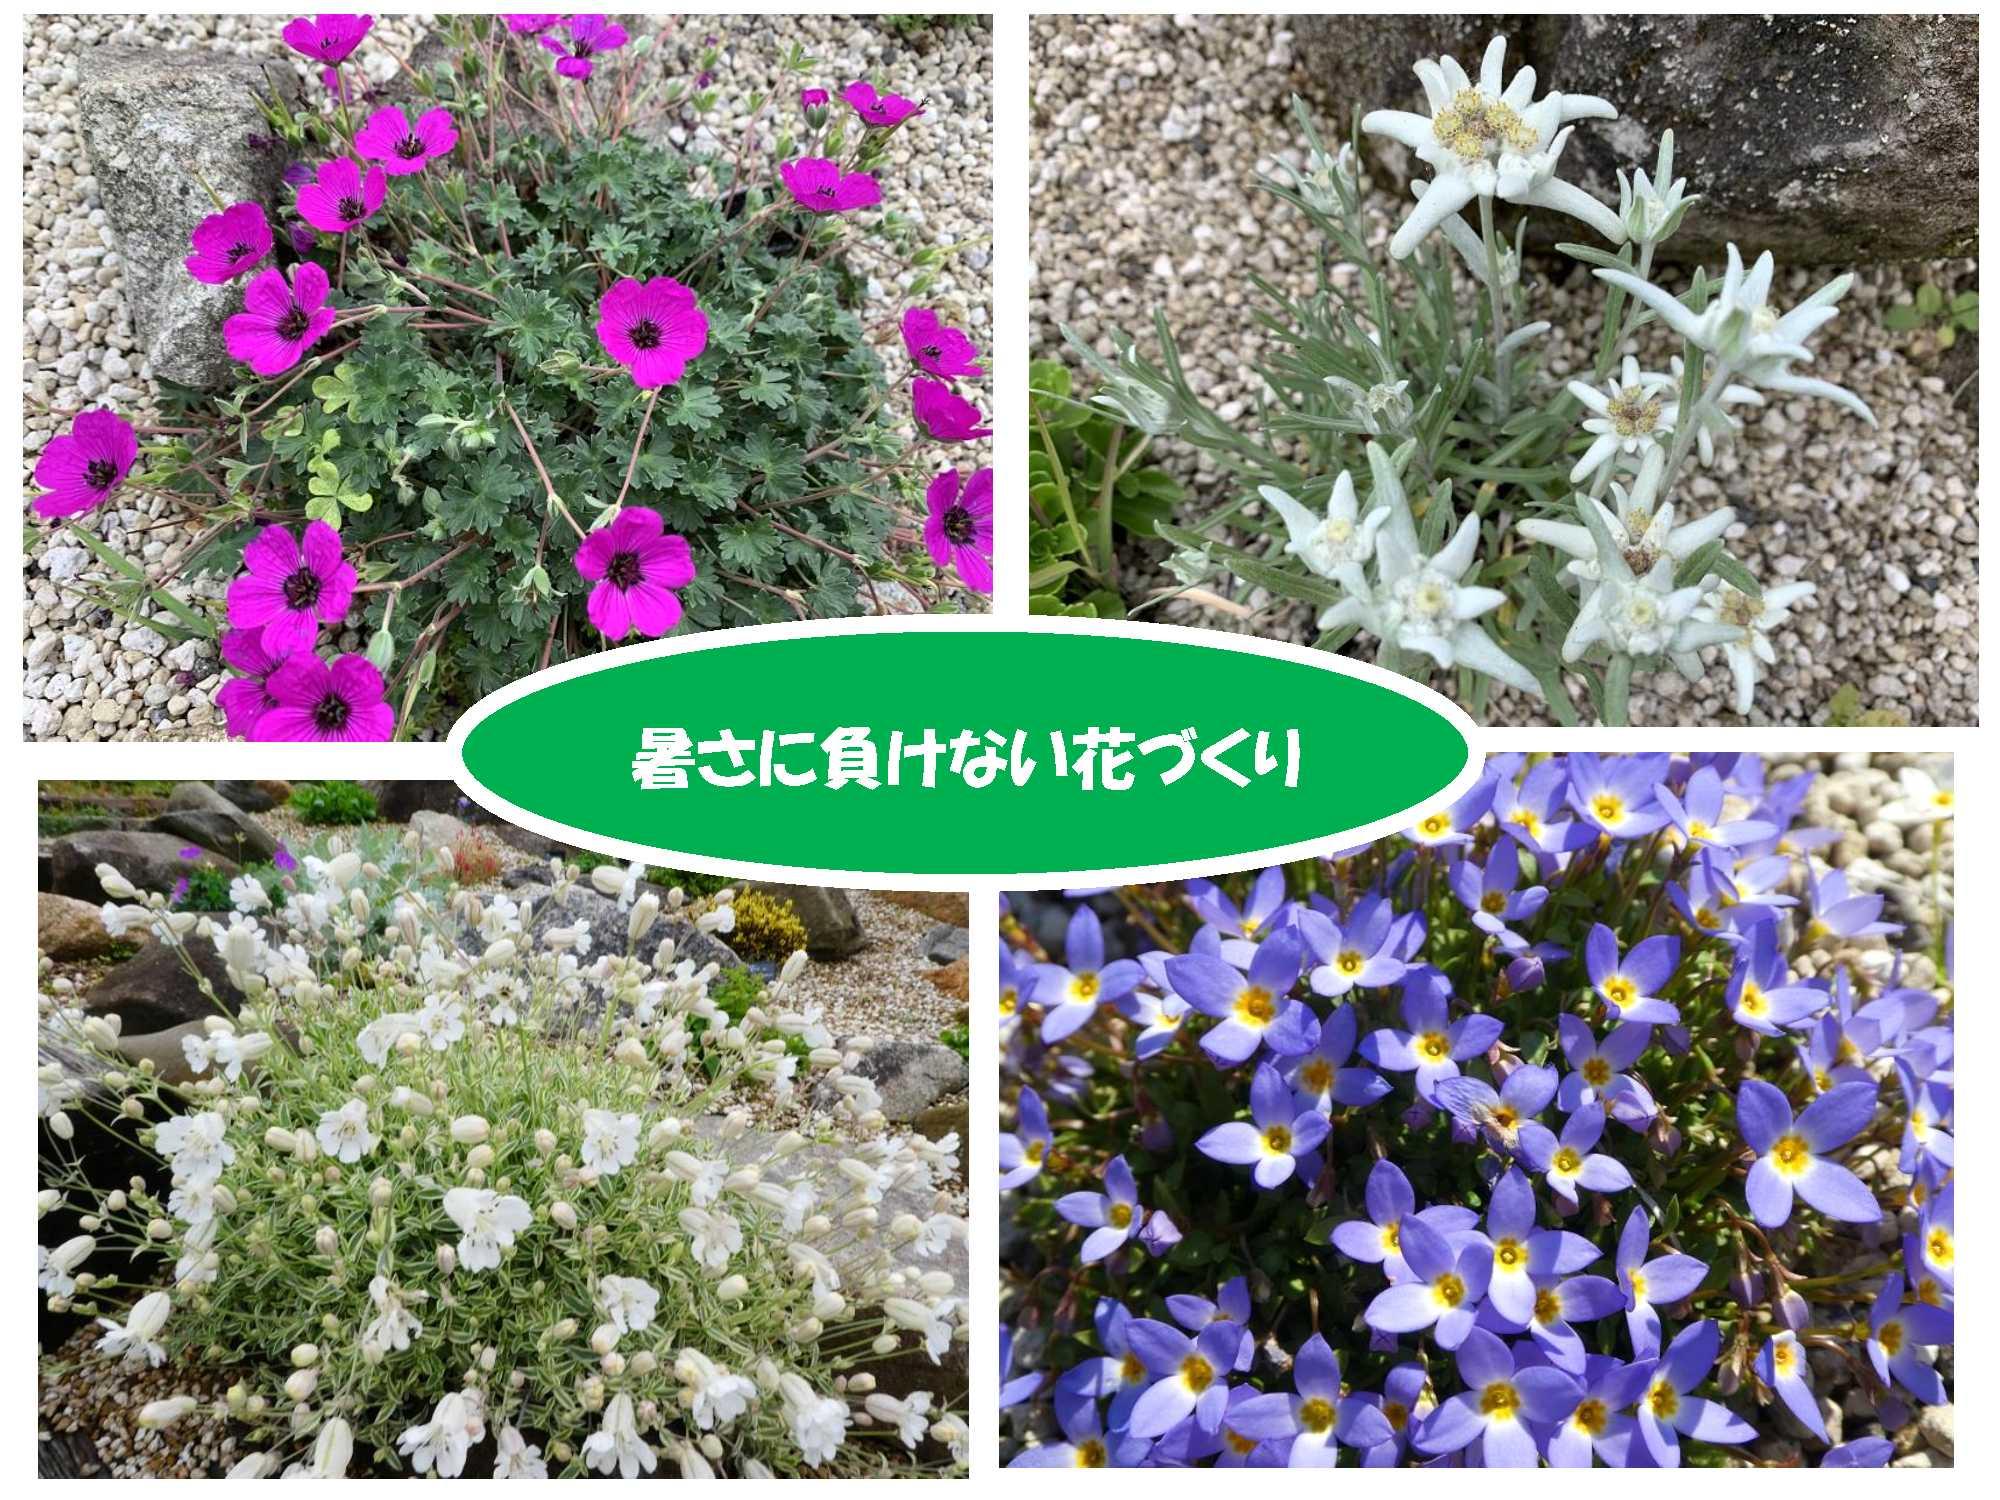 36. 温暖地において気候変動に対応できる効果的な植物栽培環境の提案